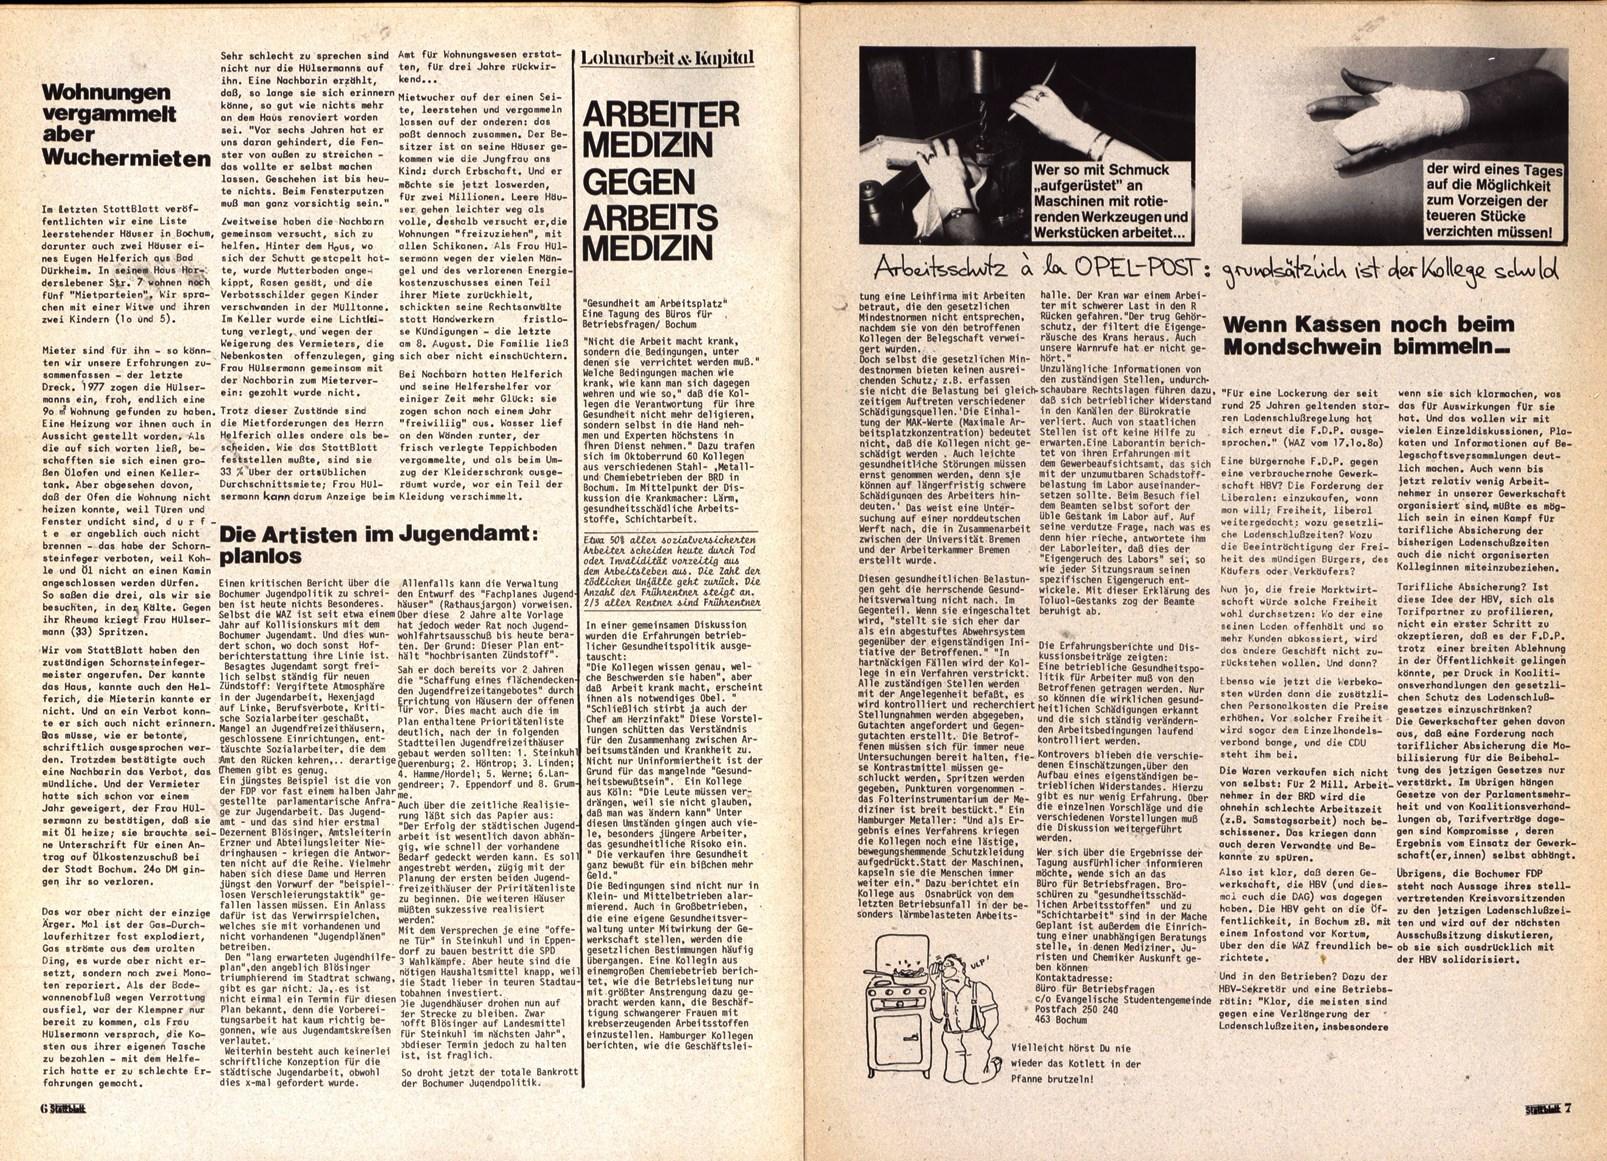 Bochum_Stattblatt_19801100_42_04